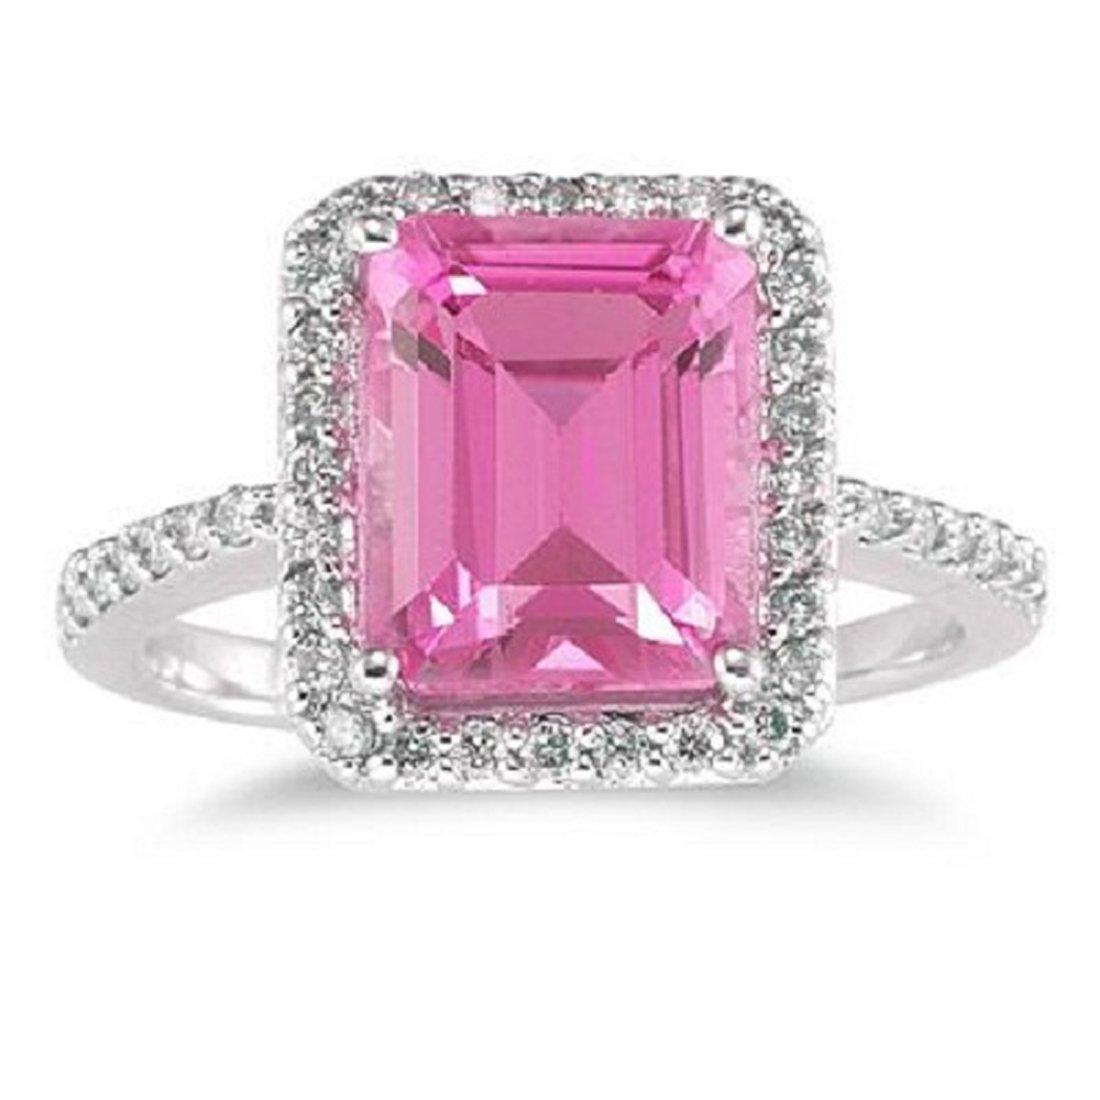 Silvercz Jewels 4 1/2 Carat Emerald Cut Pink Sapphire and Sim ...